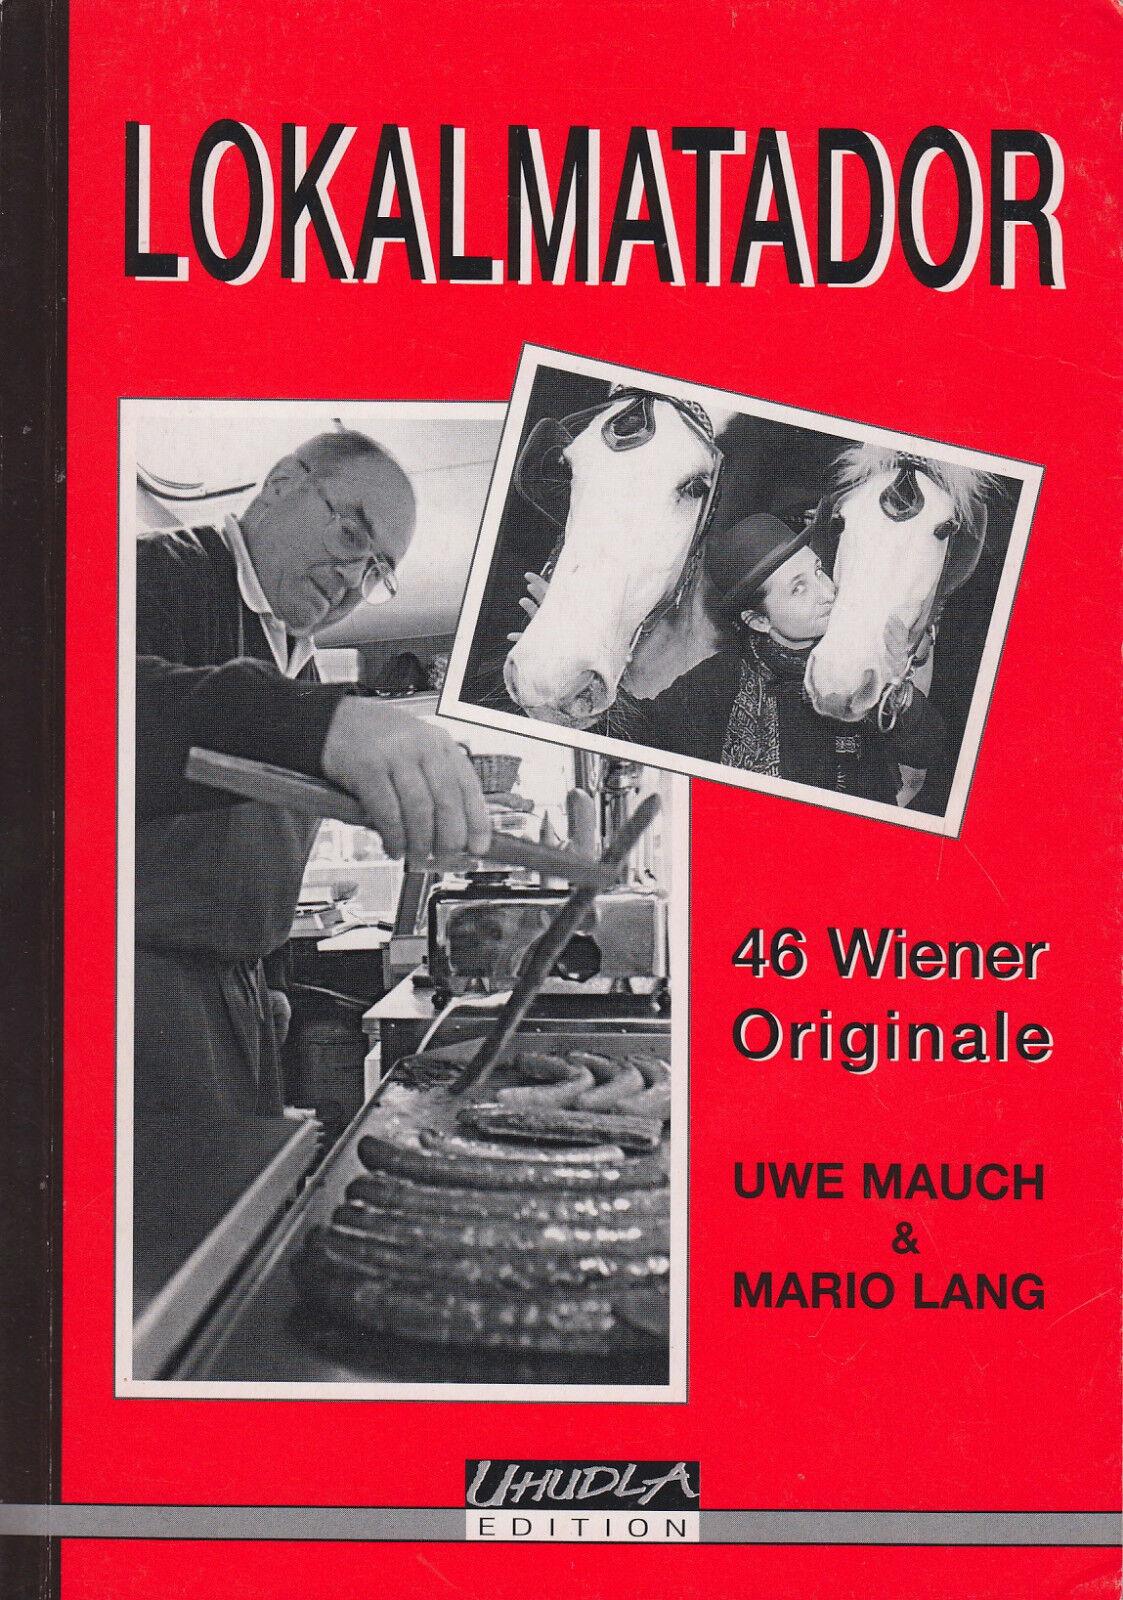 Lokalmatador - 46 Wiener Originale von Uwe Mauch und Mario Lang - Uwe Mauch und Mario Lang